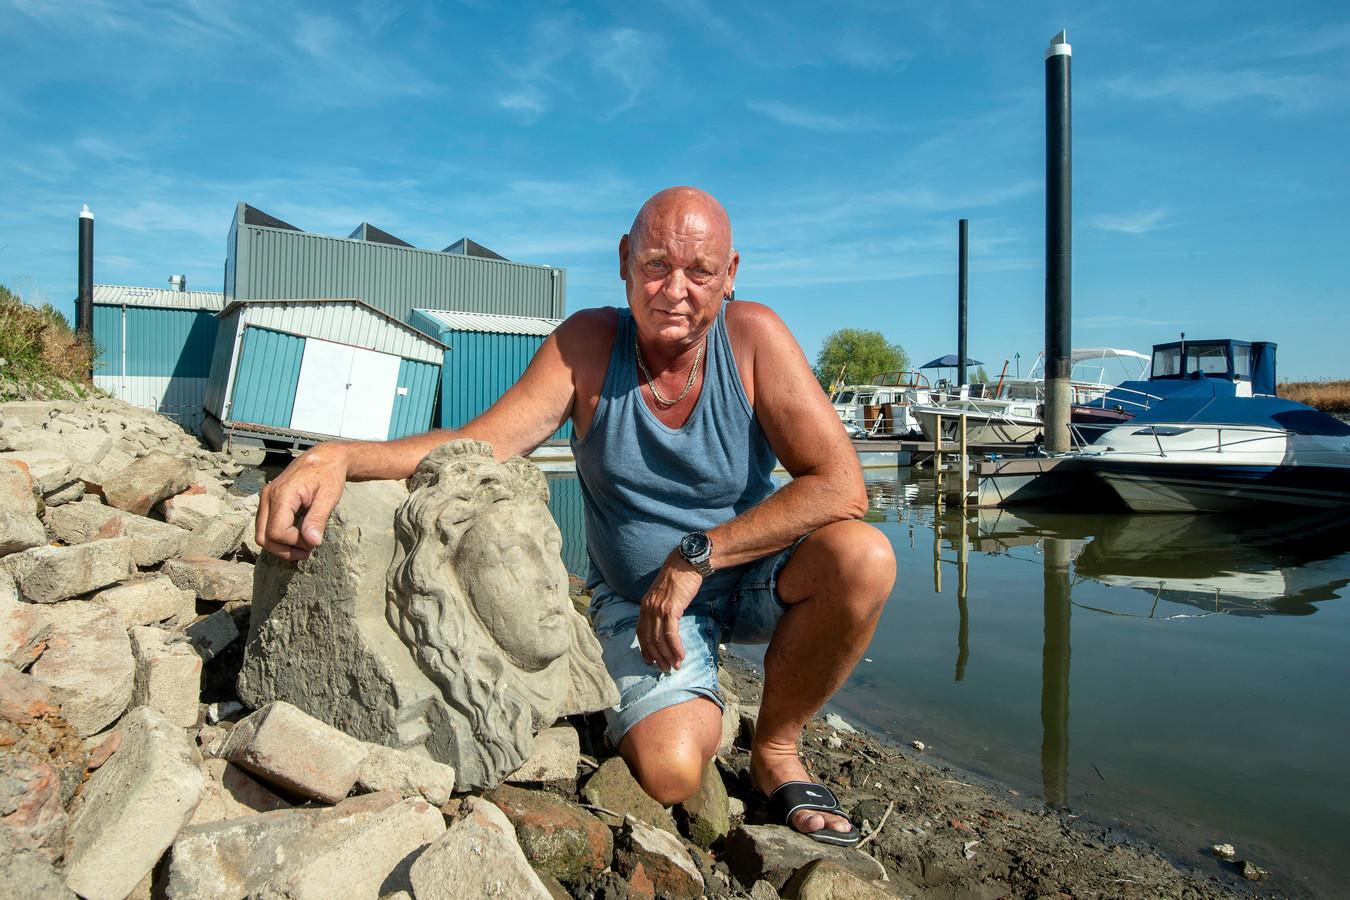 Jelle van der Meer bij het stenen hoofd dat hij ontdekte bij de jachthaven van Roei- en Zeilvereniging Jason in Arnhem.